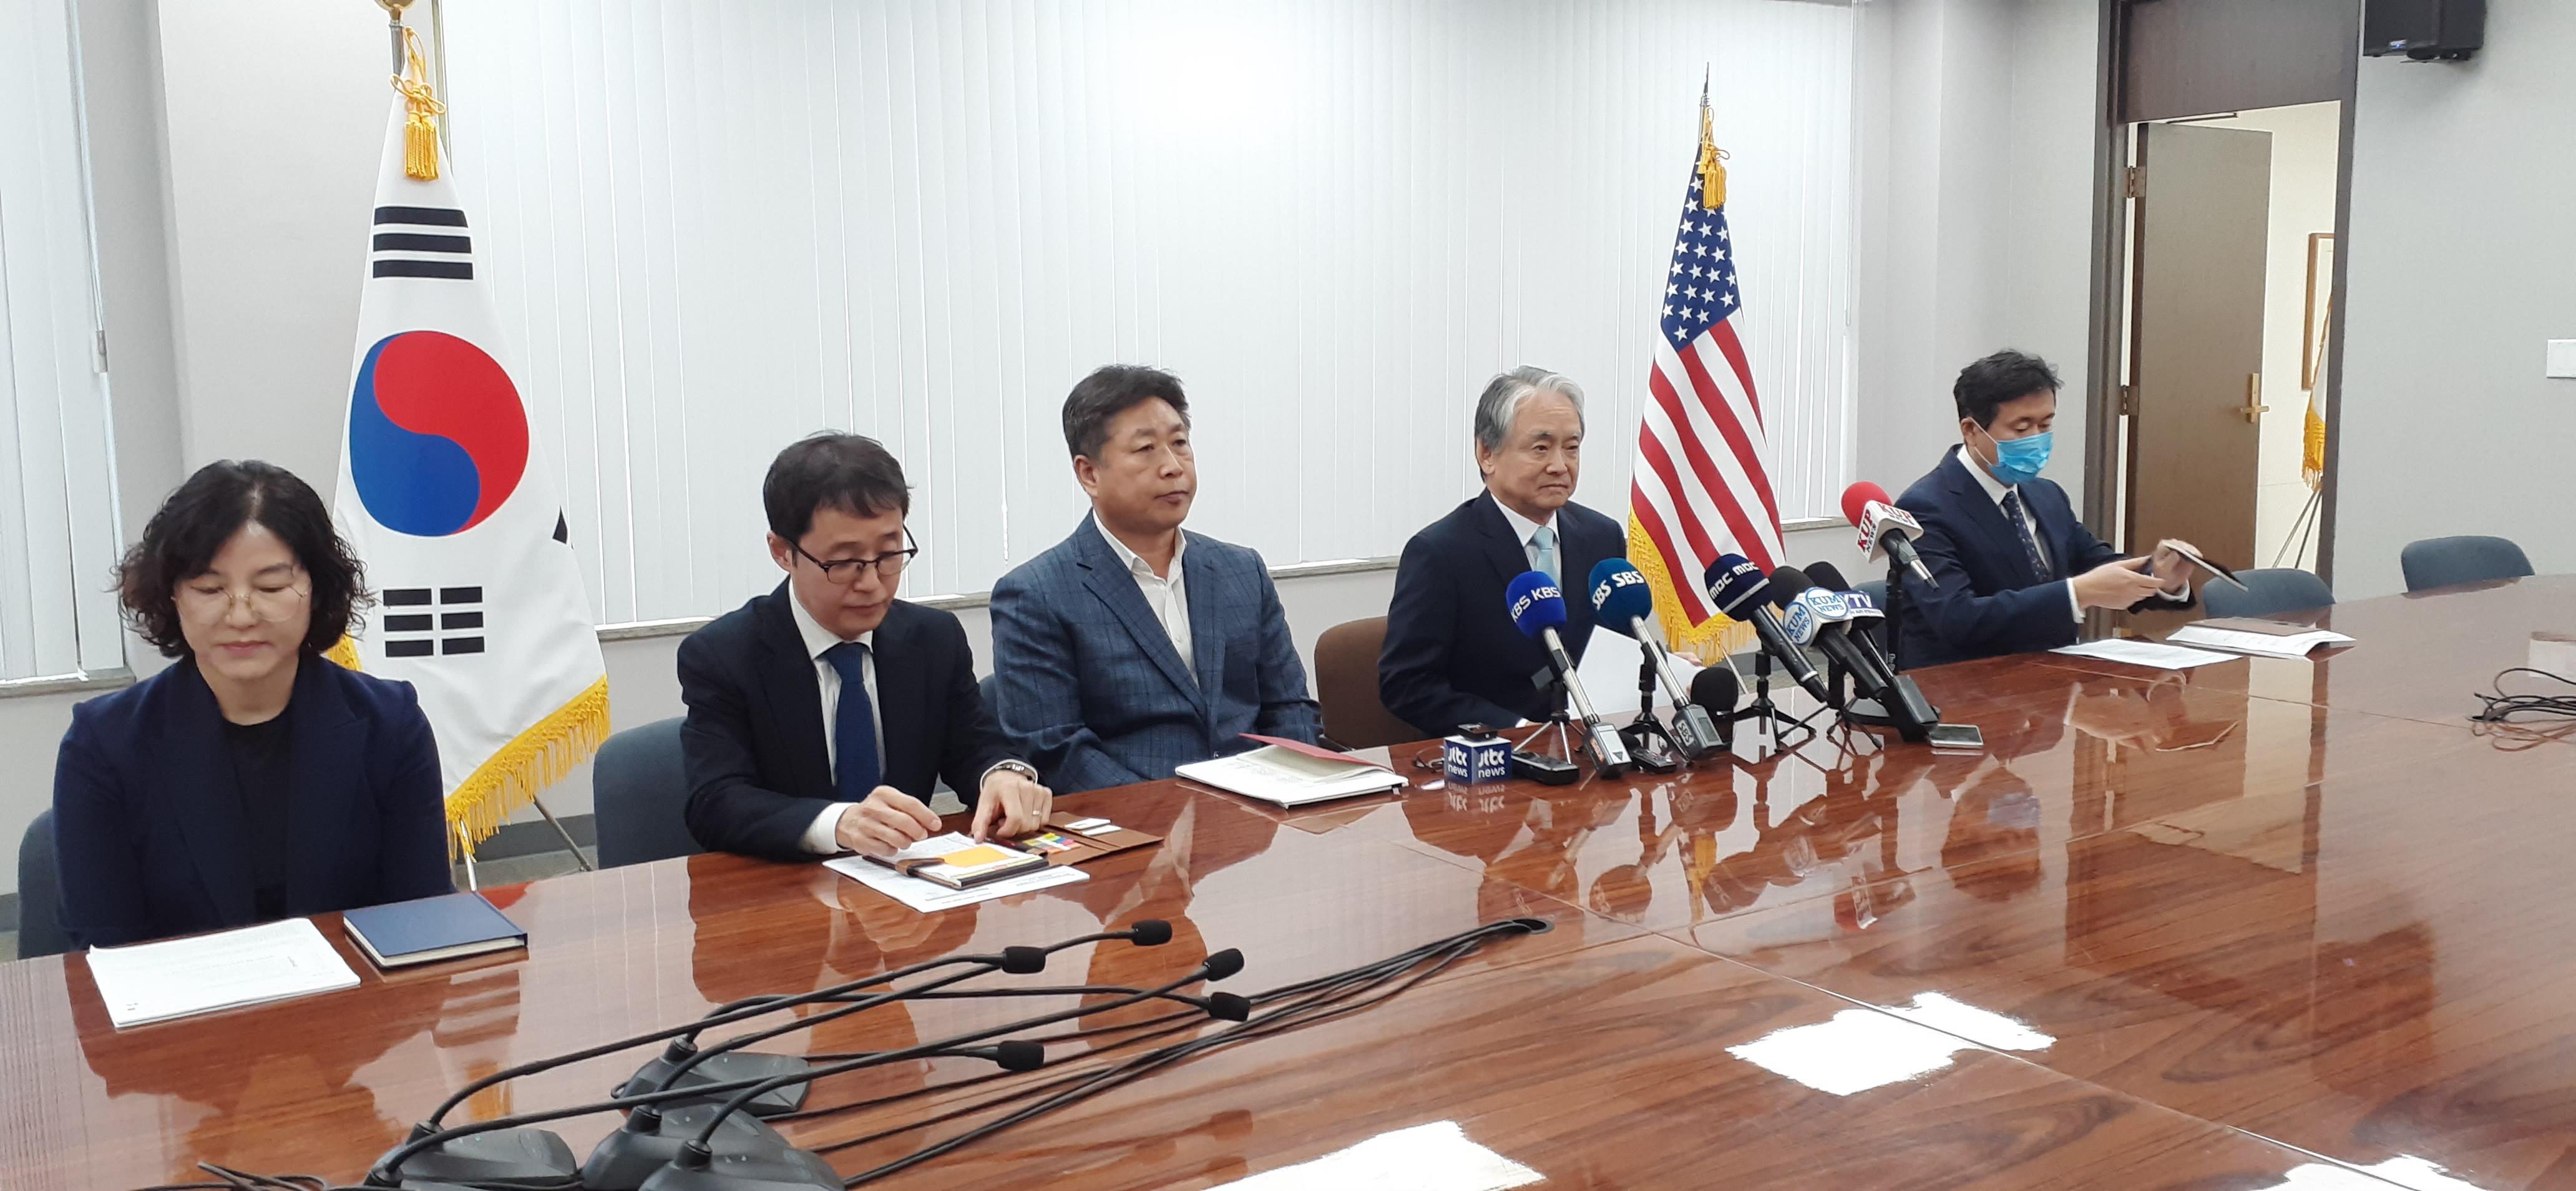 ▲ 박경재 LA총영사(오른쪽 두번째) 등 관계자들이 격리면제 관련 기자회견.